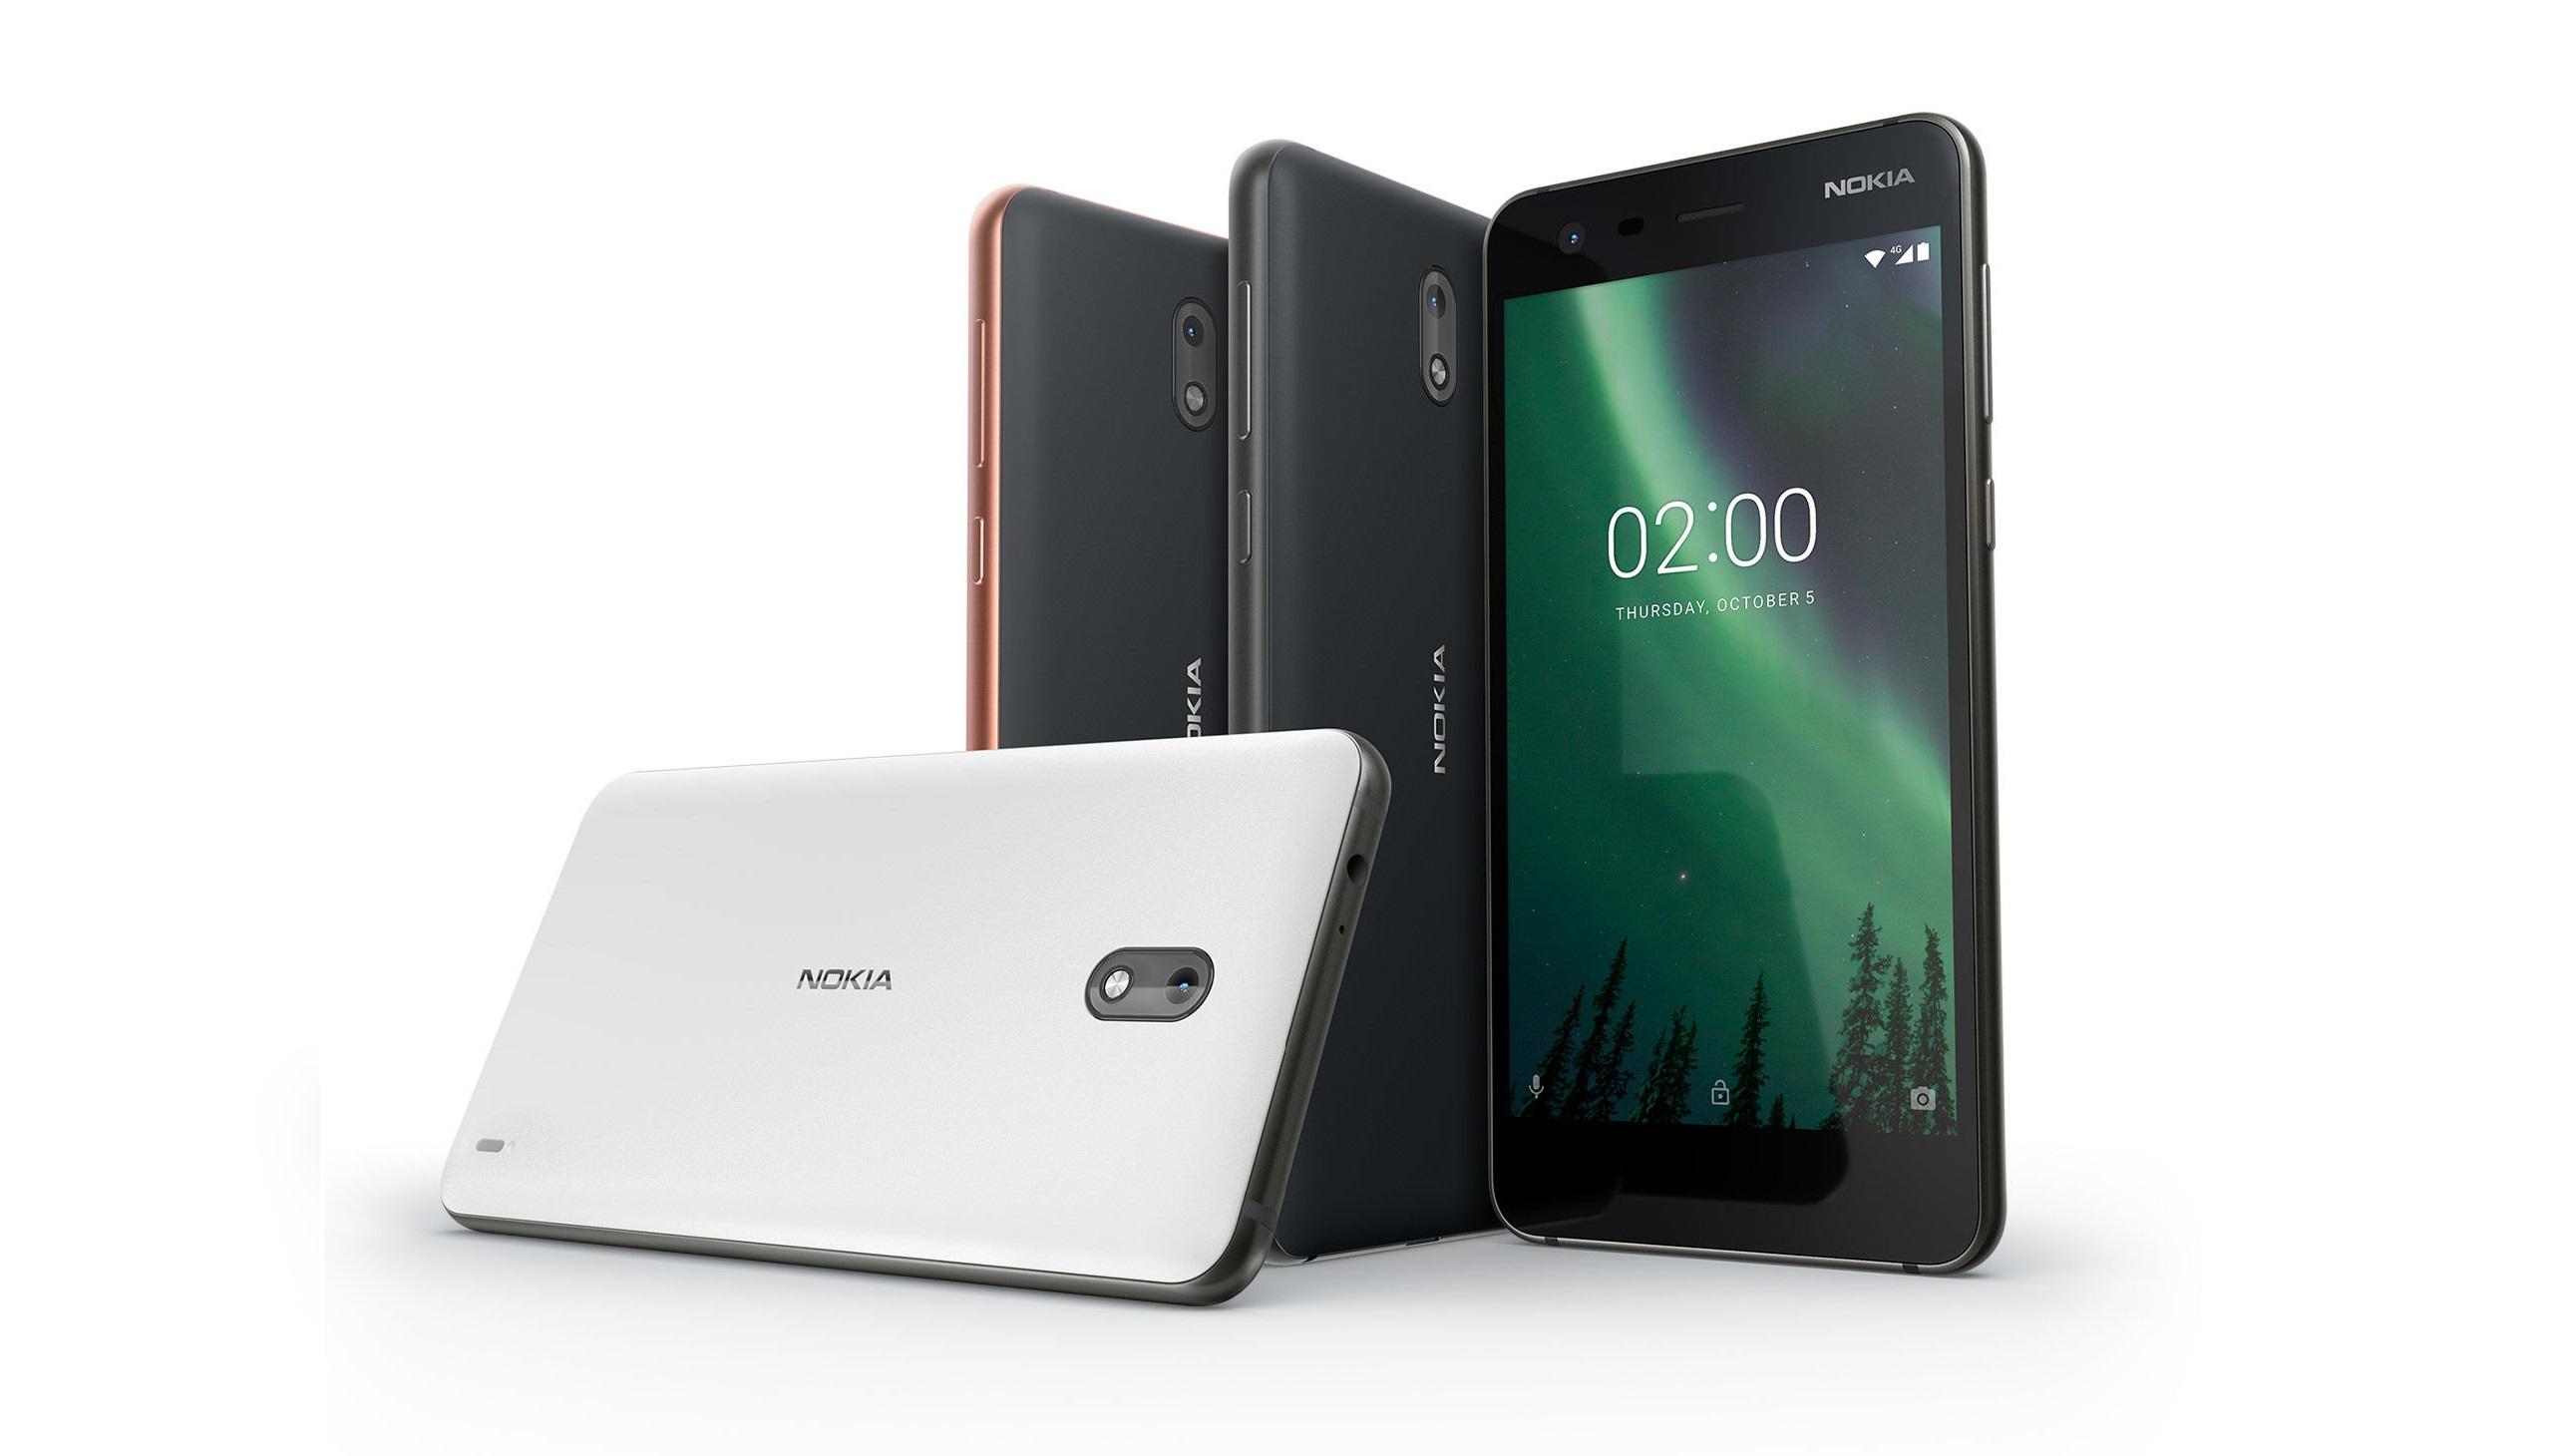 Nokia 2 míří do prodeje, láká na nízkou cenu a dlouhou výdrž